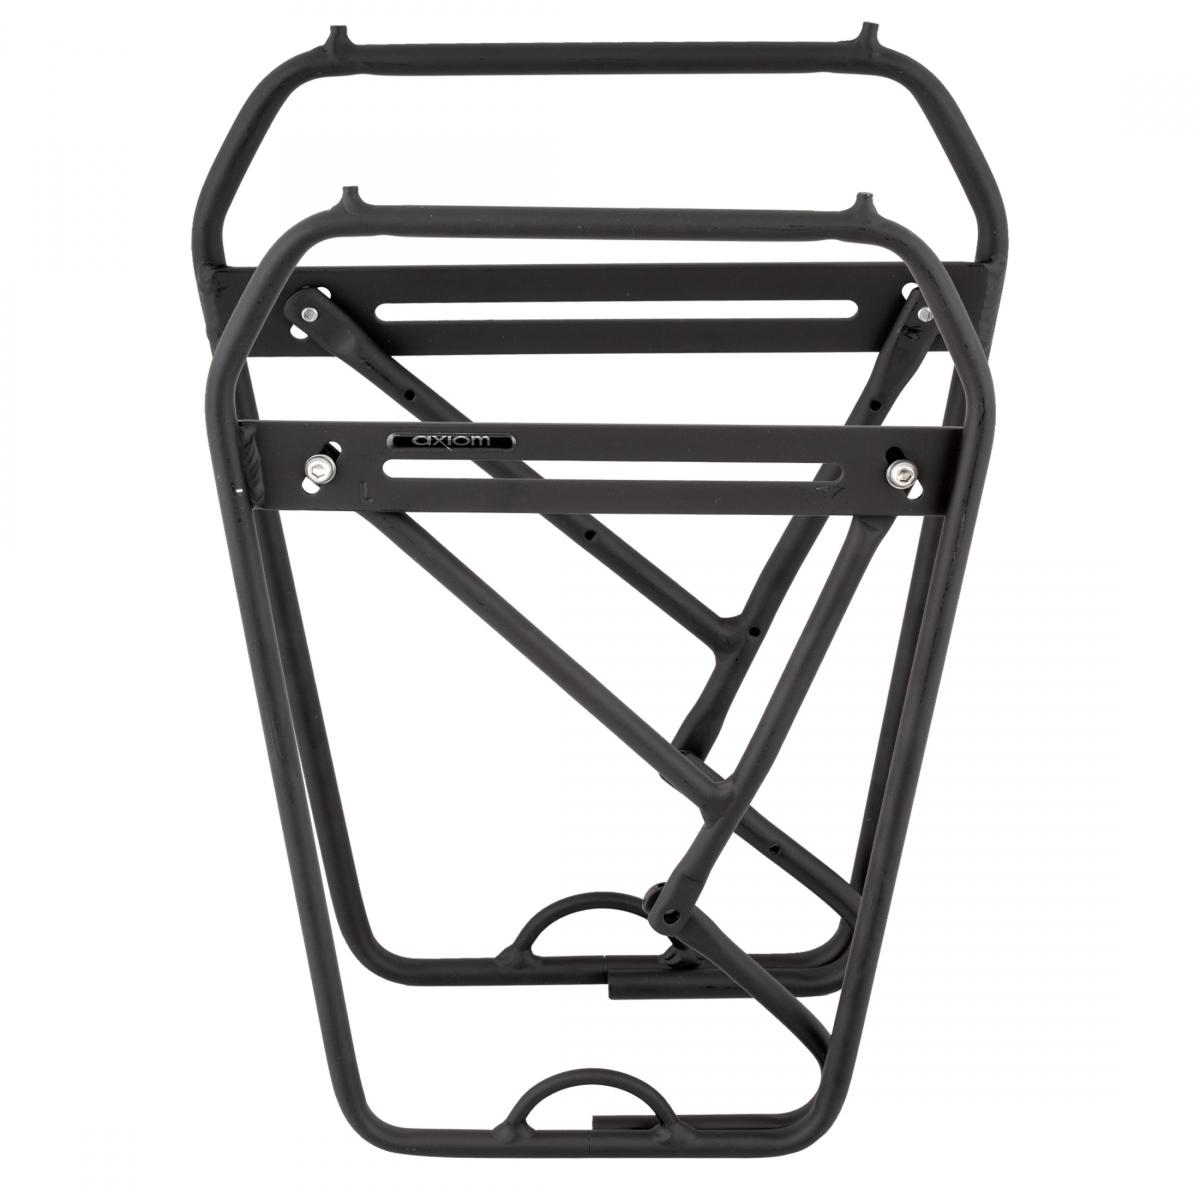 """Front Silver Sunlite Gold Tec Front Rack Racks For Bikes 26/"""" Brake Boss"""